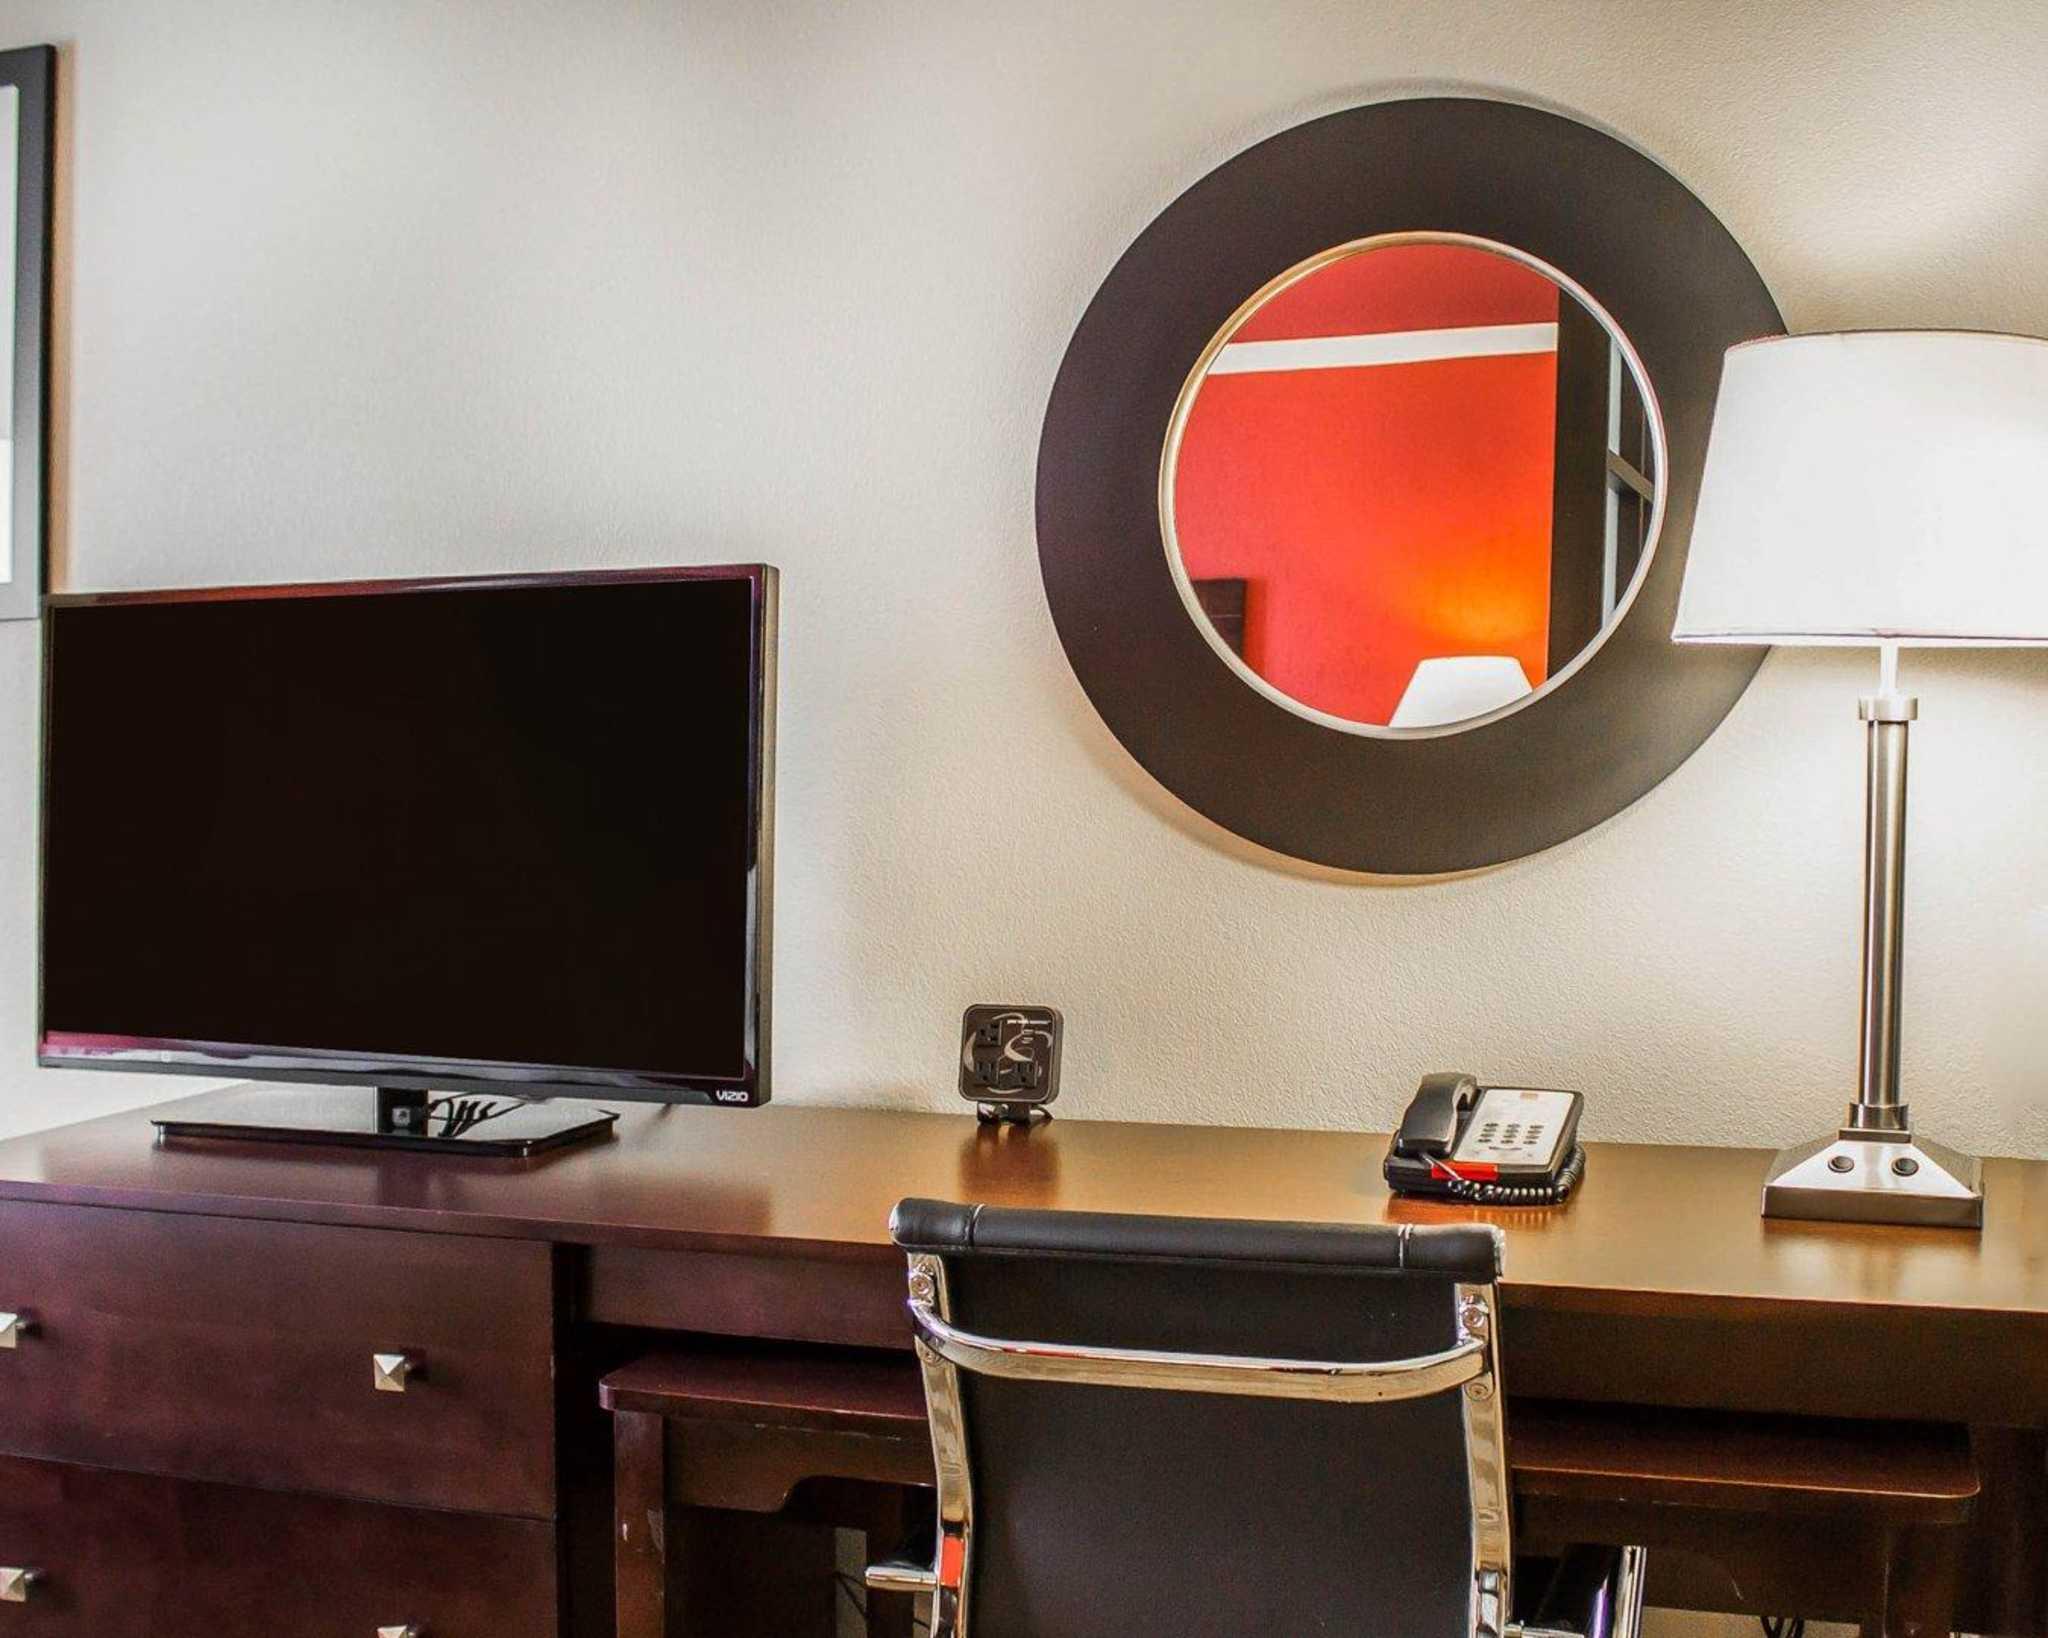 Columbus Hotels: Candlewood Suites Polaris - IHG